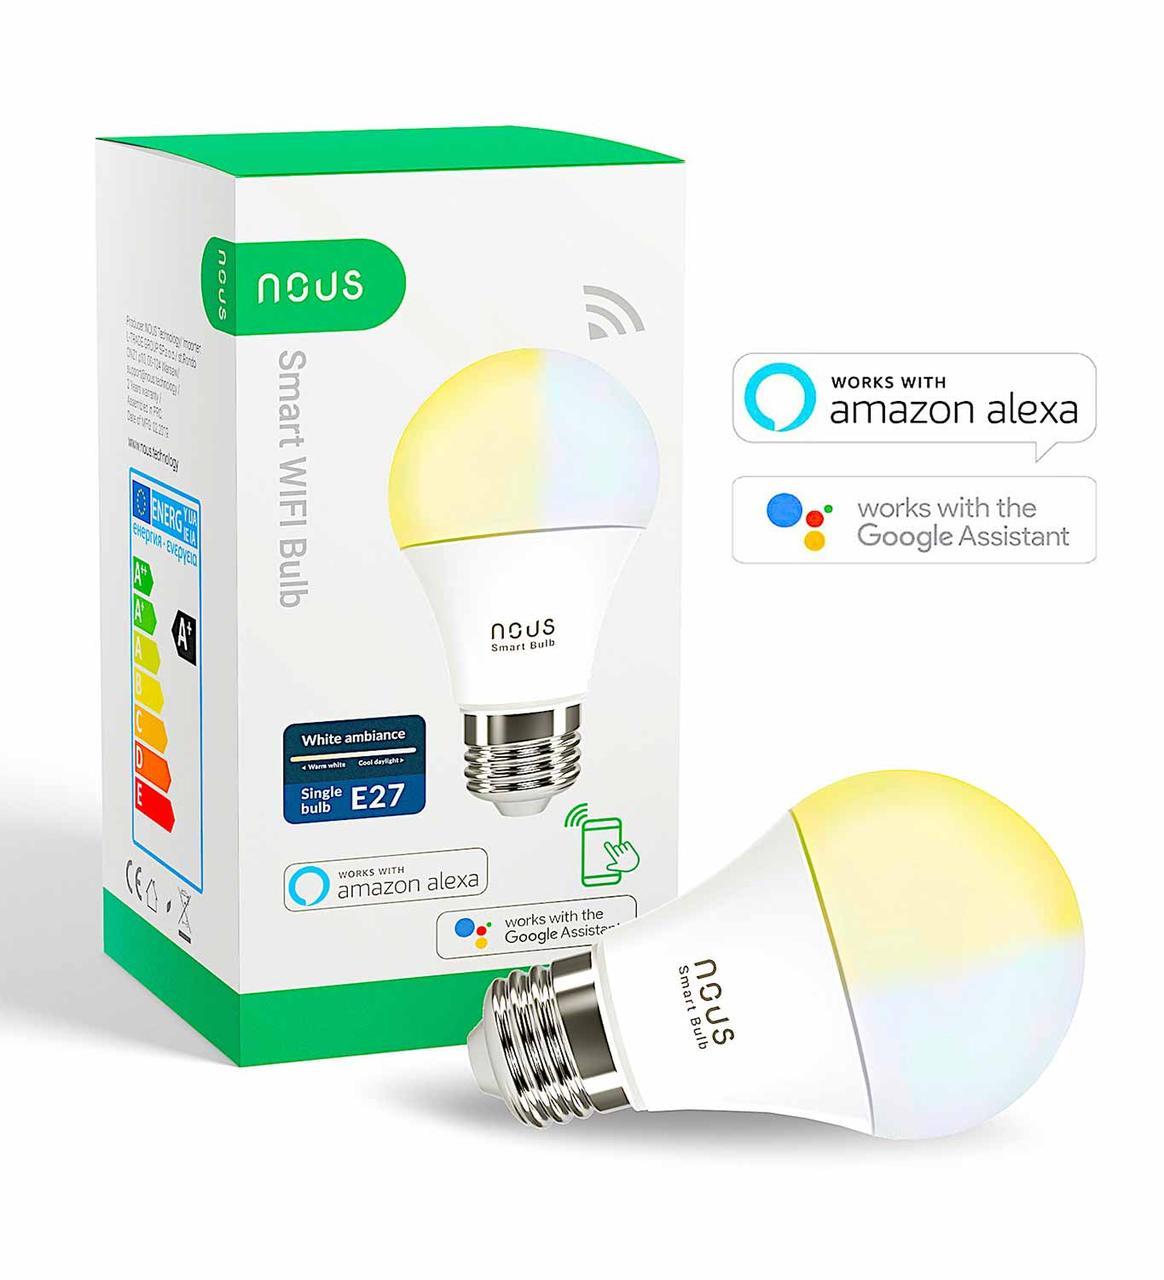 Умная Smart LED лампа NOUS P2 Bulb 9W E27 2700-6000K Wi-Fi